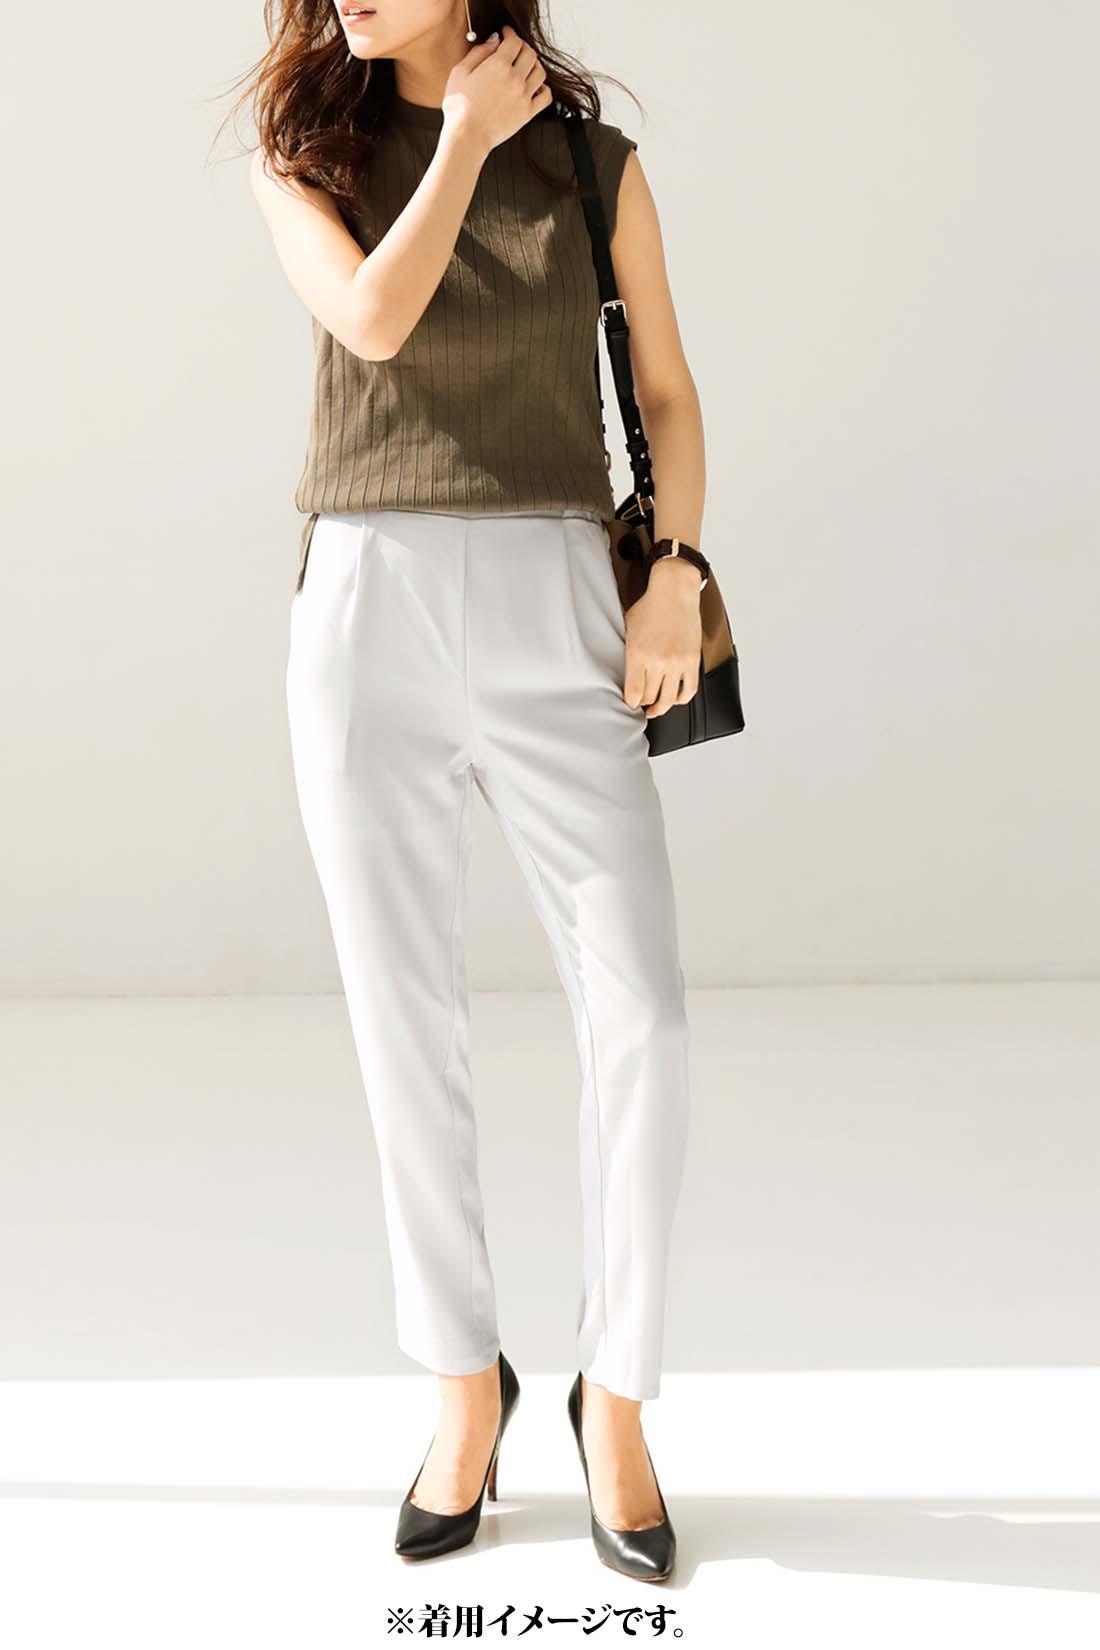 ラインが美しいテーパードパンツは着まわし力も最強。シンプルなトップスを合わせるだけで美人見えを約束。